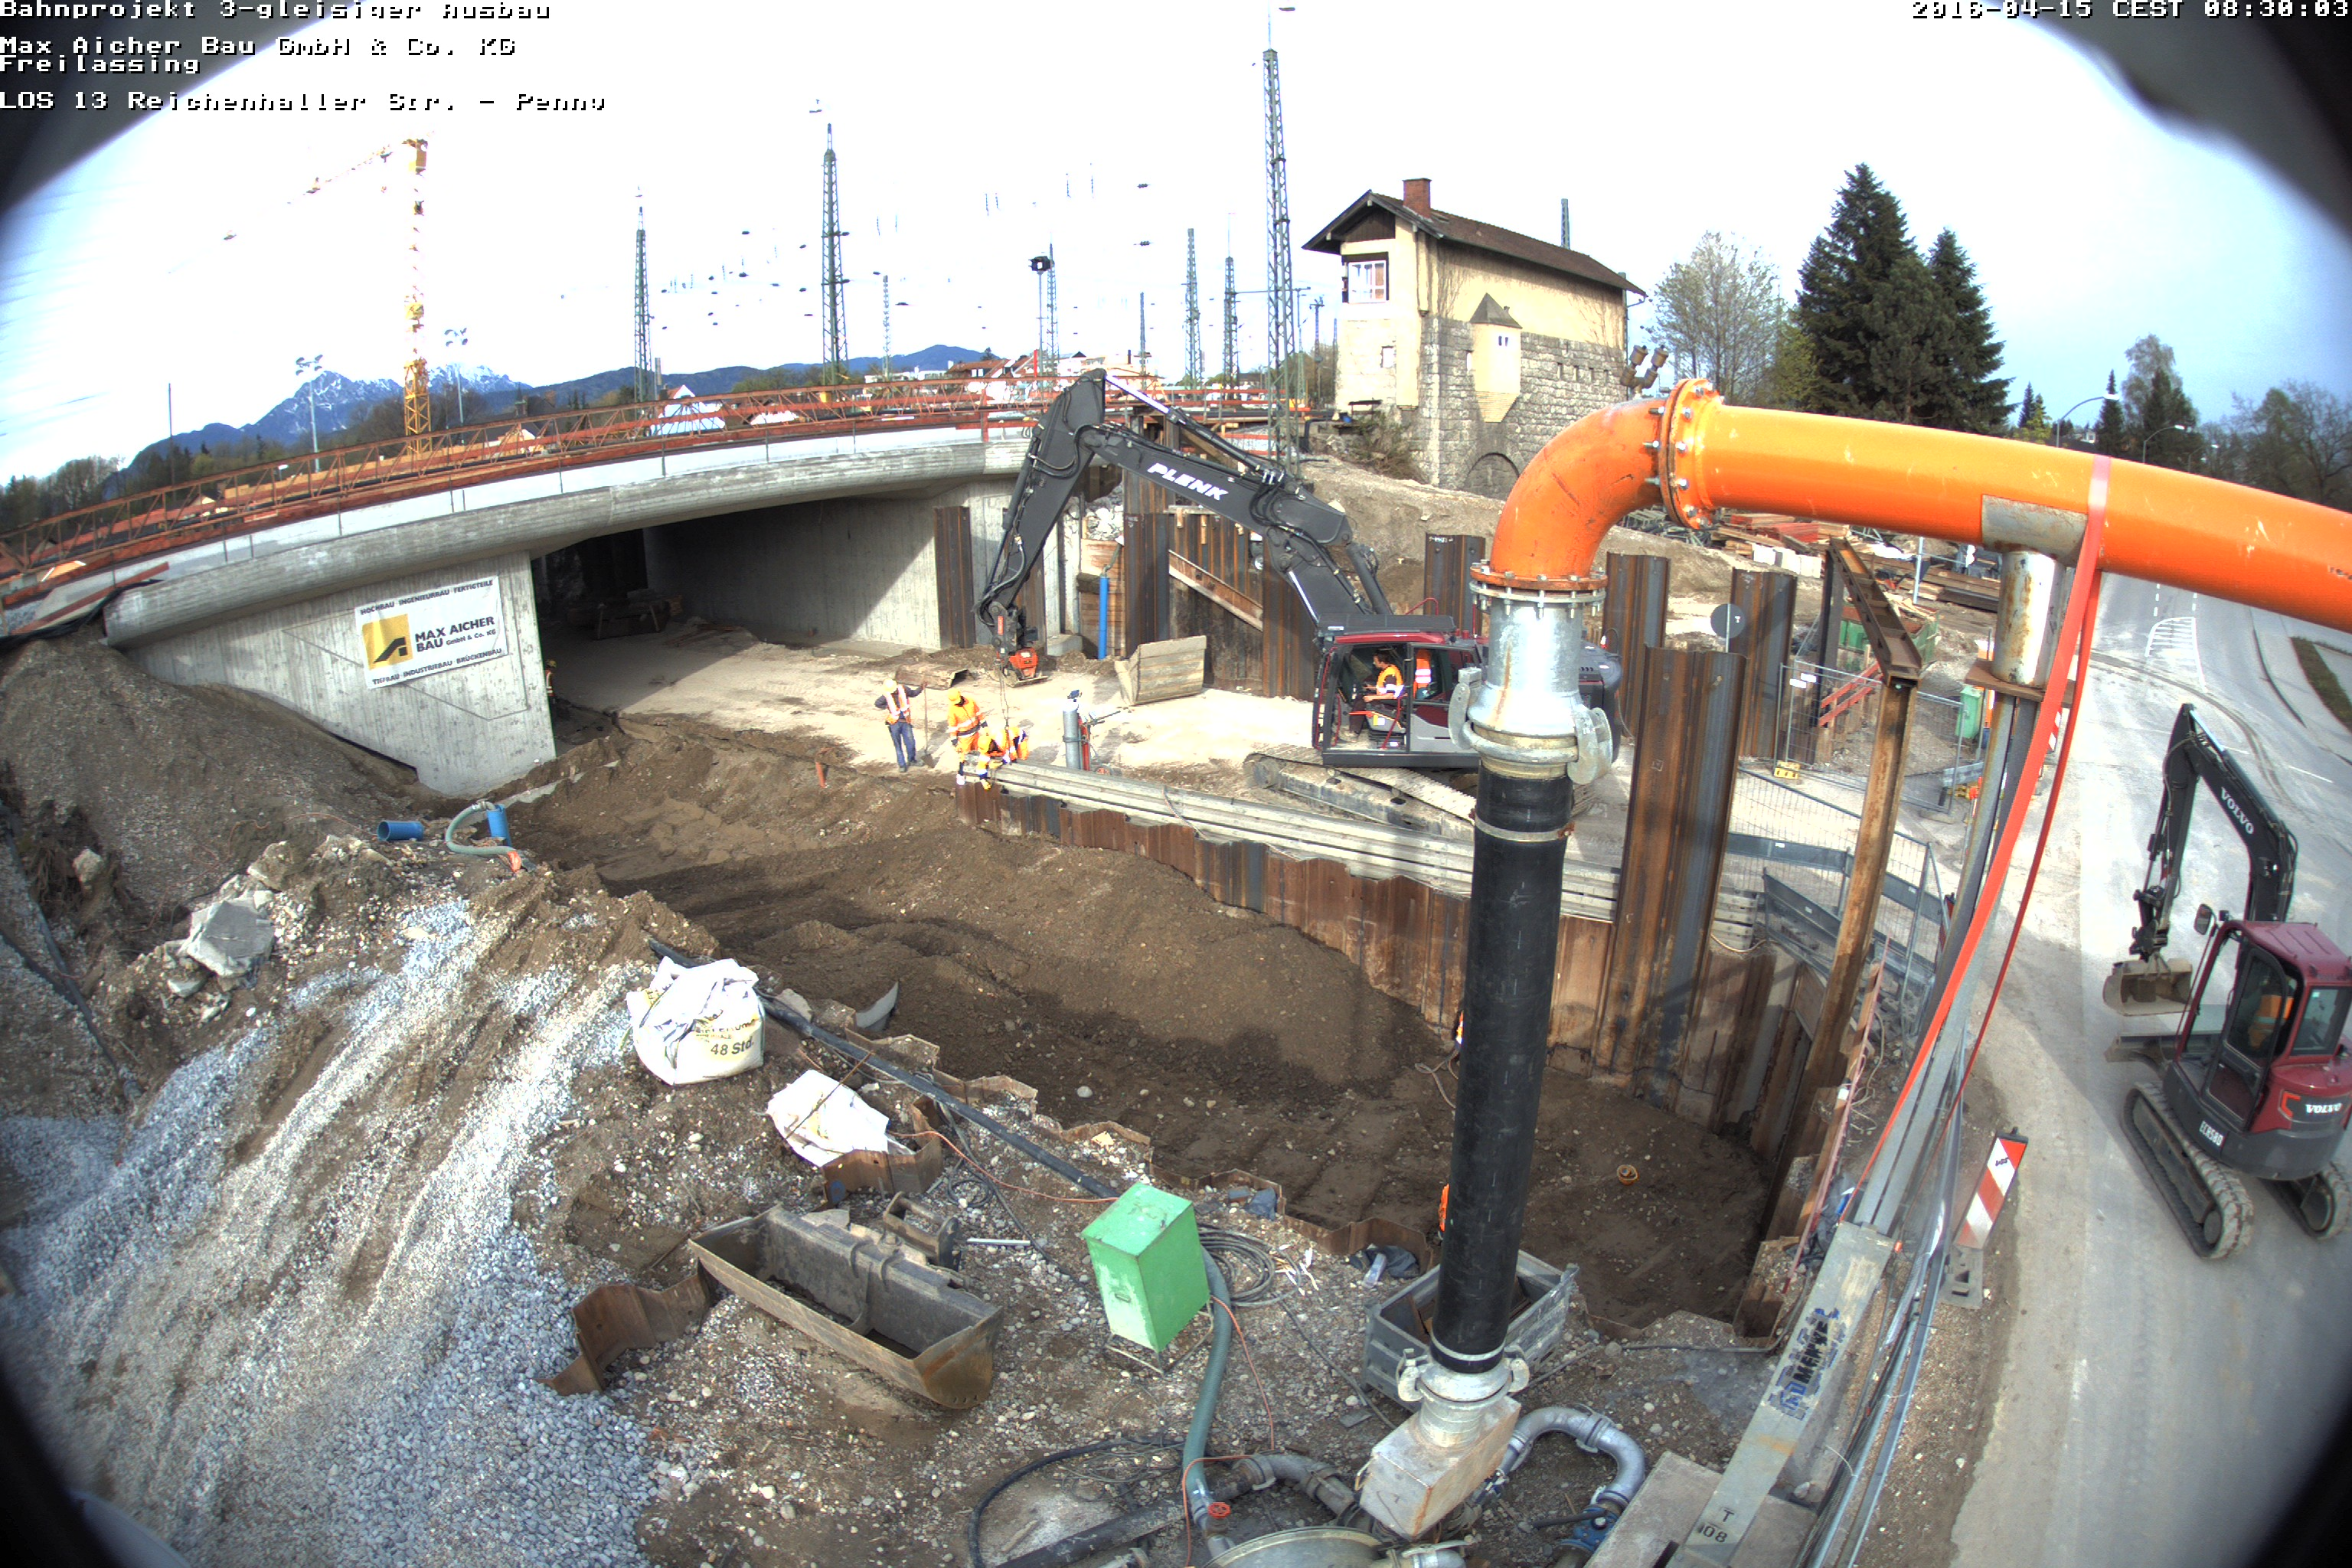 Webcam LOS 13 Reichenhaller Str.